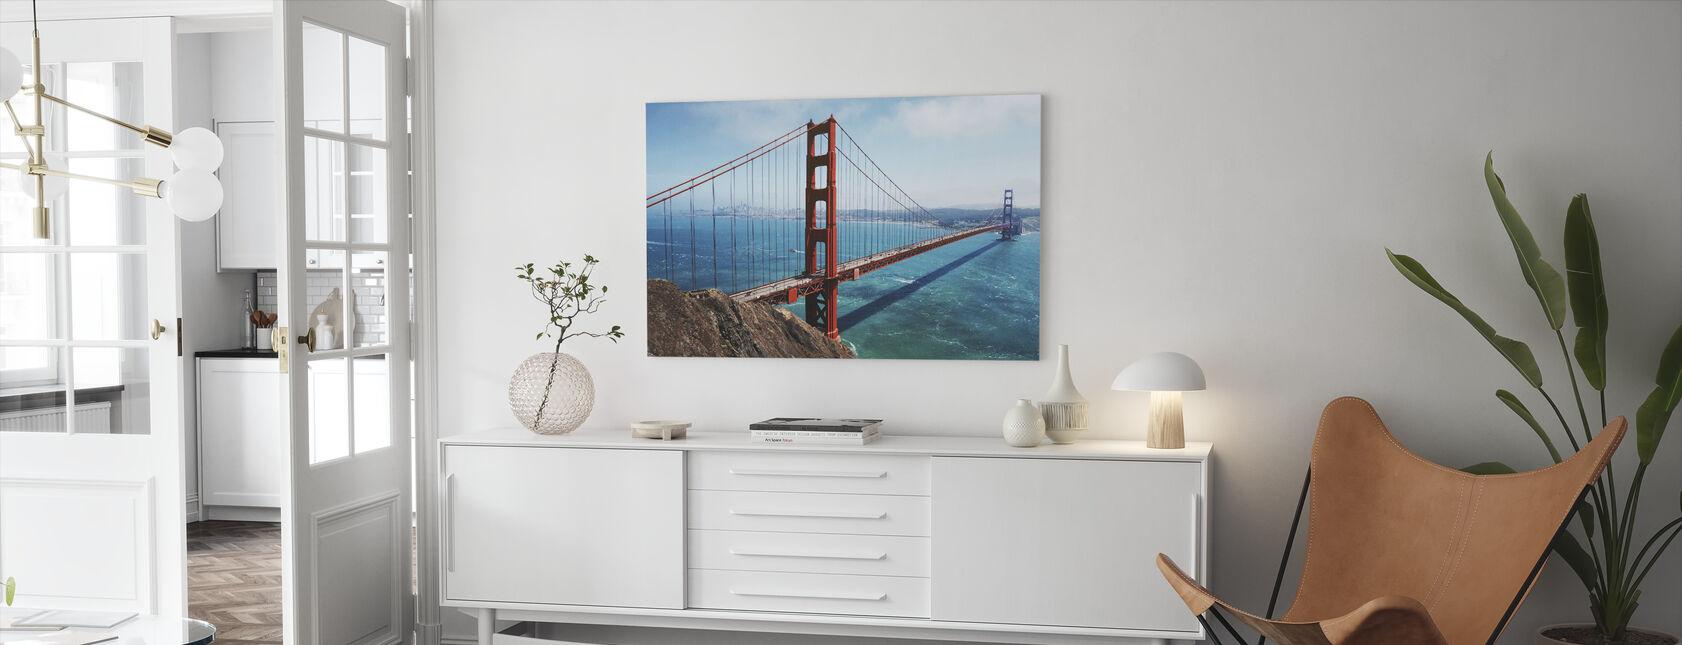 Golden Gate Bridge - Billede på lærred - Stue